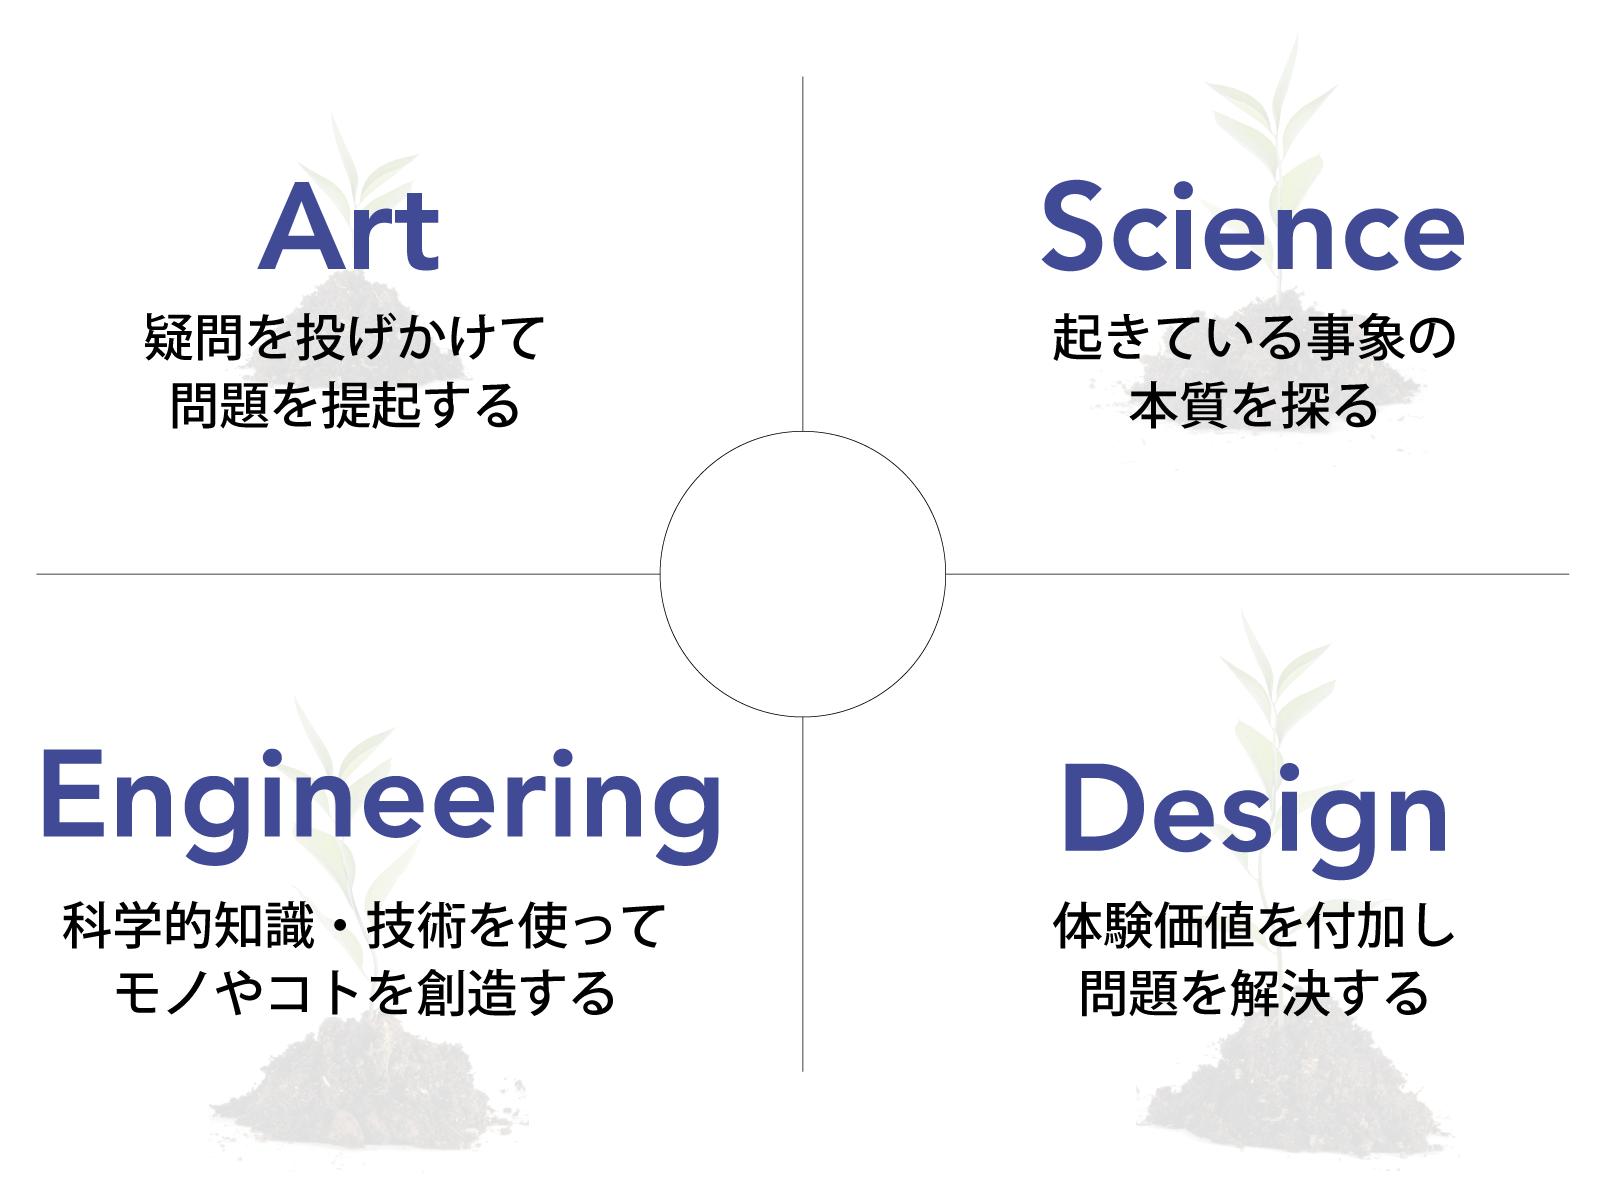 Art「疑問を投げかけて問題を提起する」 Science「起きている事象の本質を探る」 Design「体験価値を付加し問題を解決する」 Engineering「科学的知識・技術を使ってモノやコトを創造する」